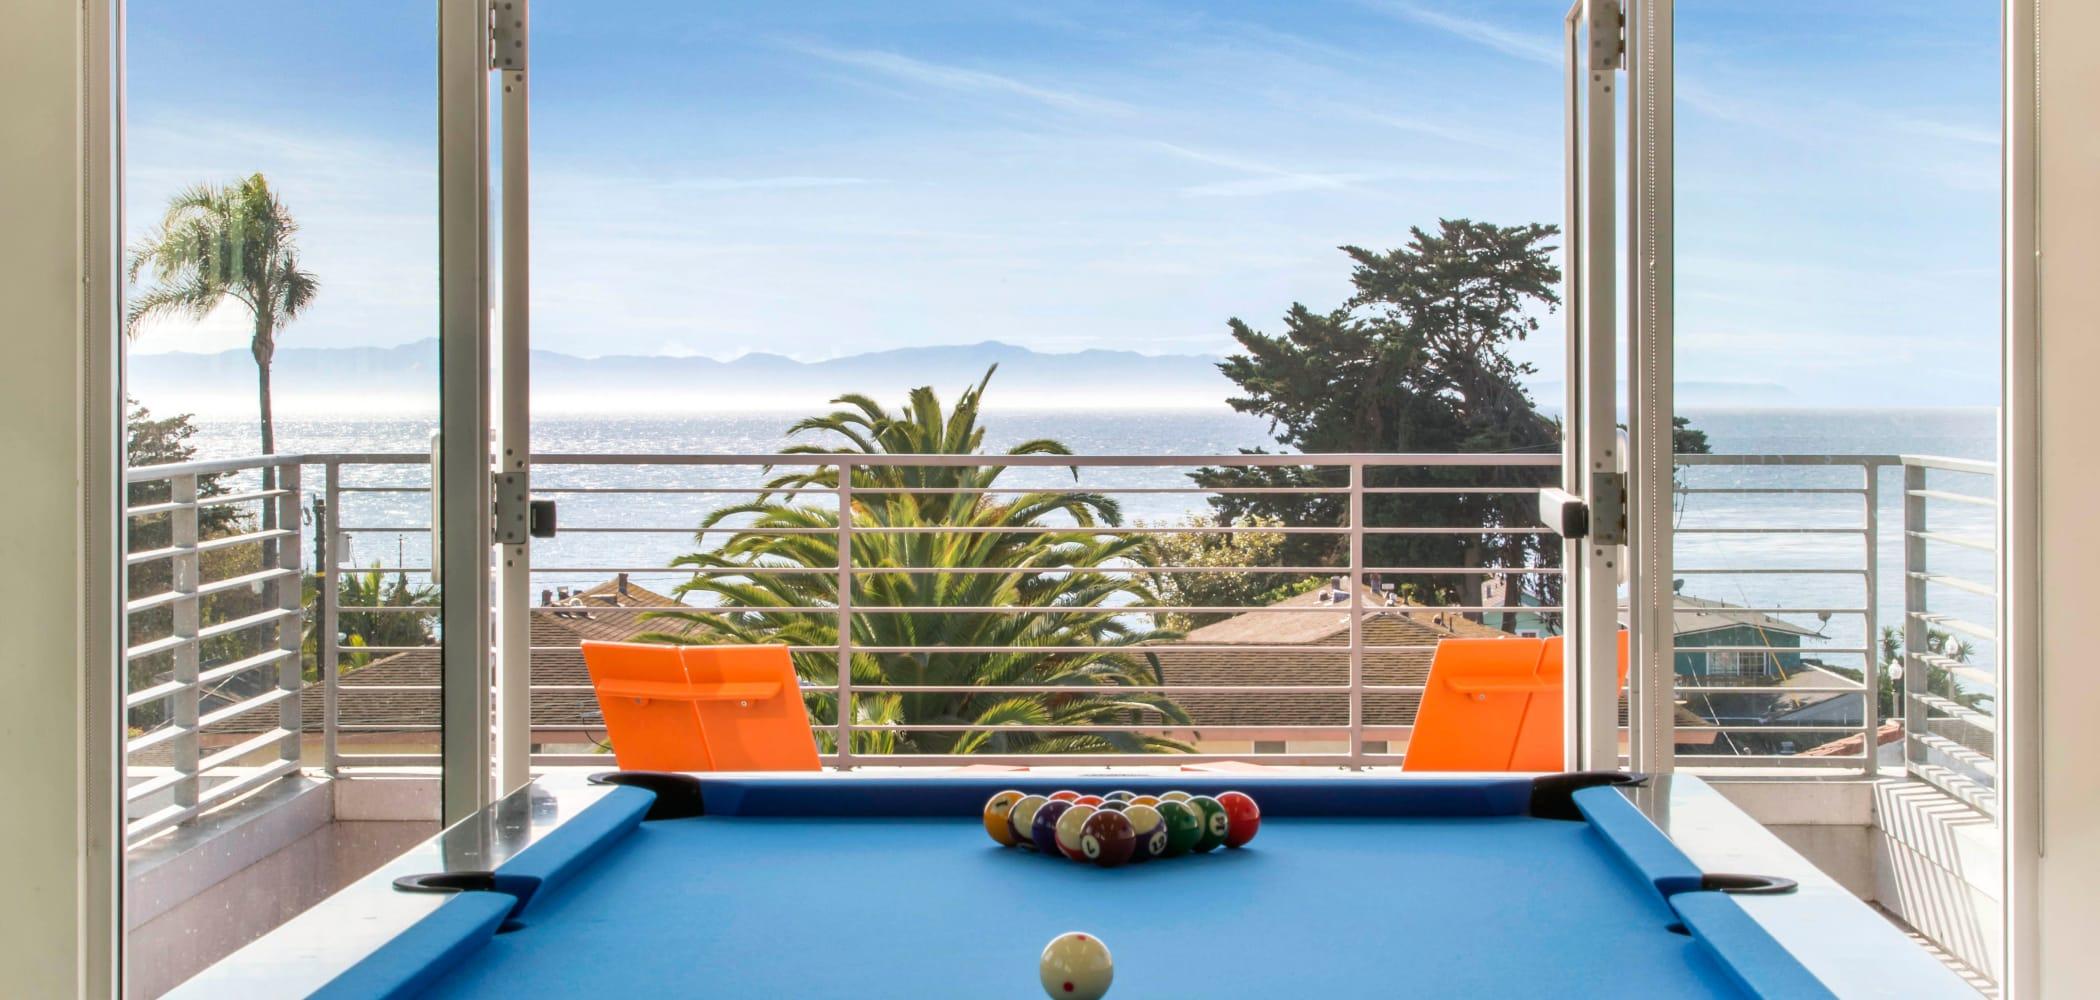 Clubroom with billiards at ICON in Isla Vista, California